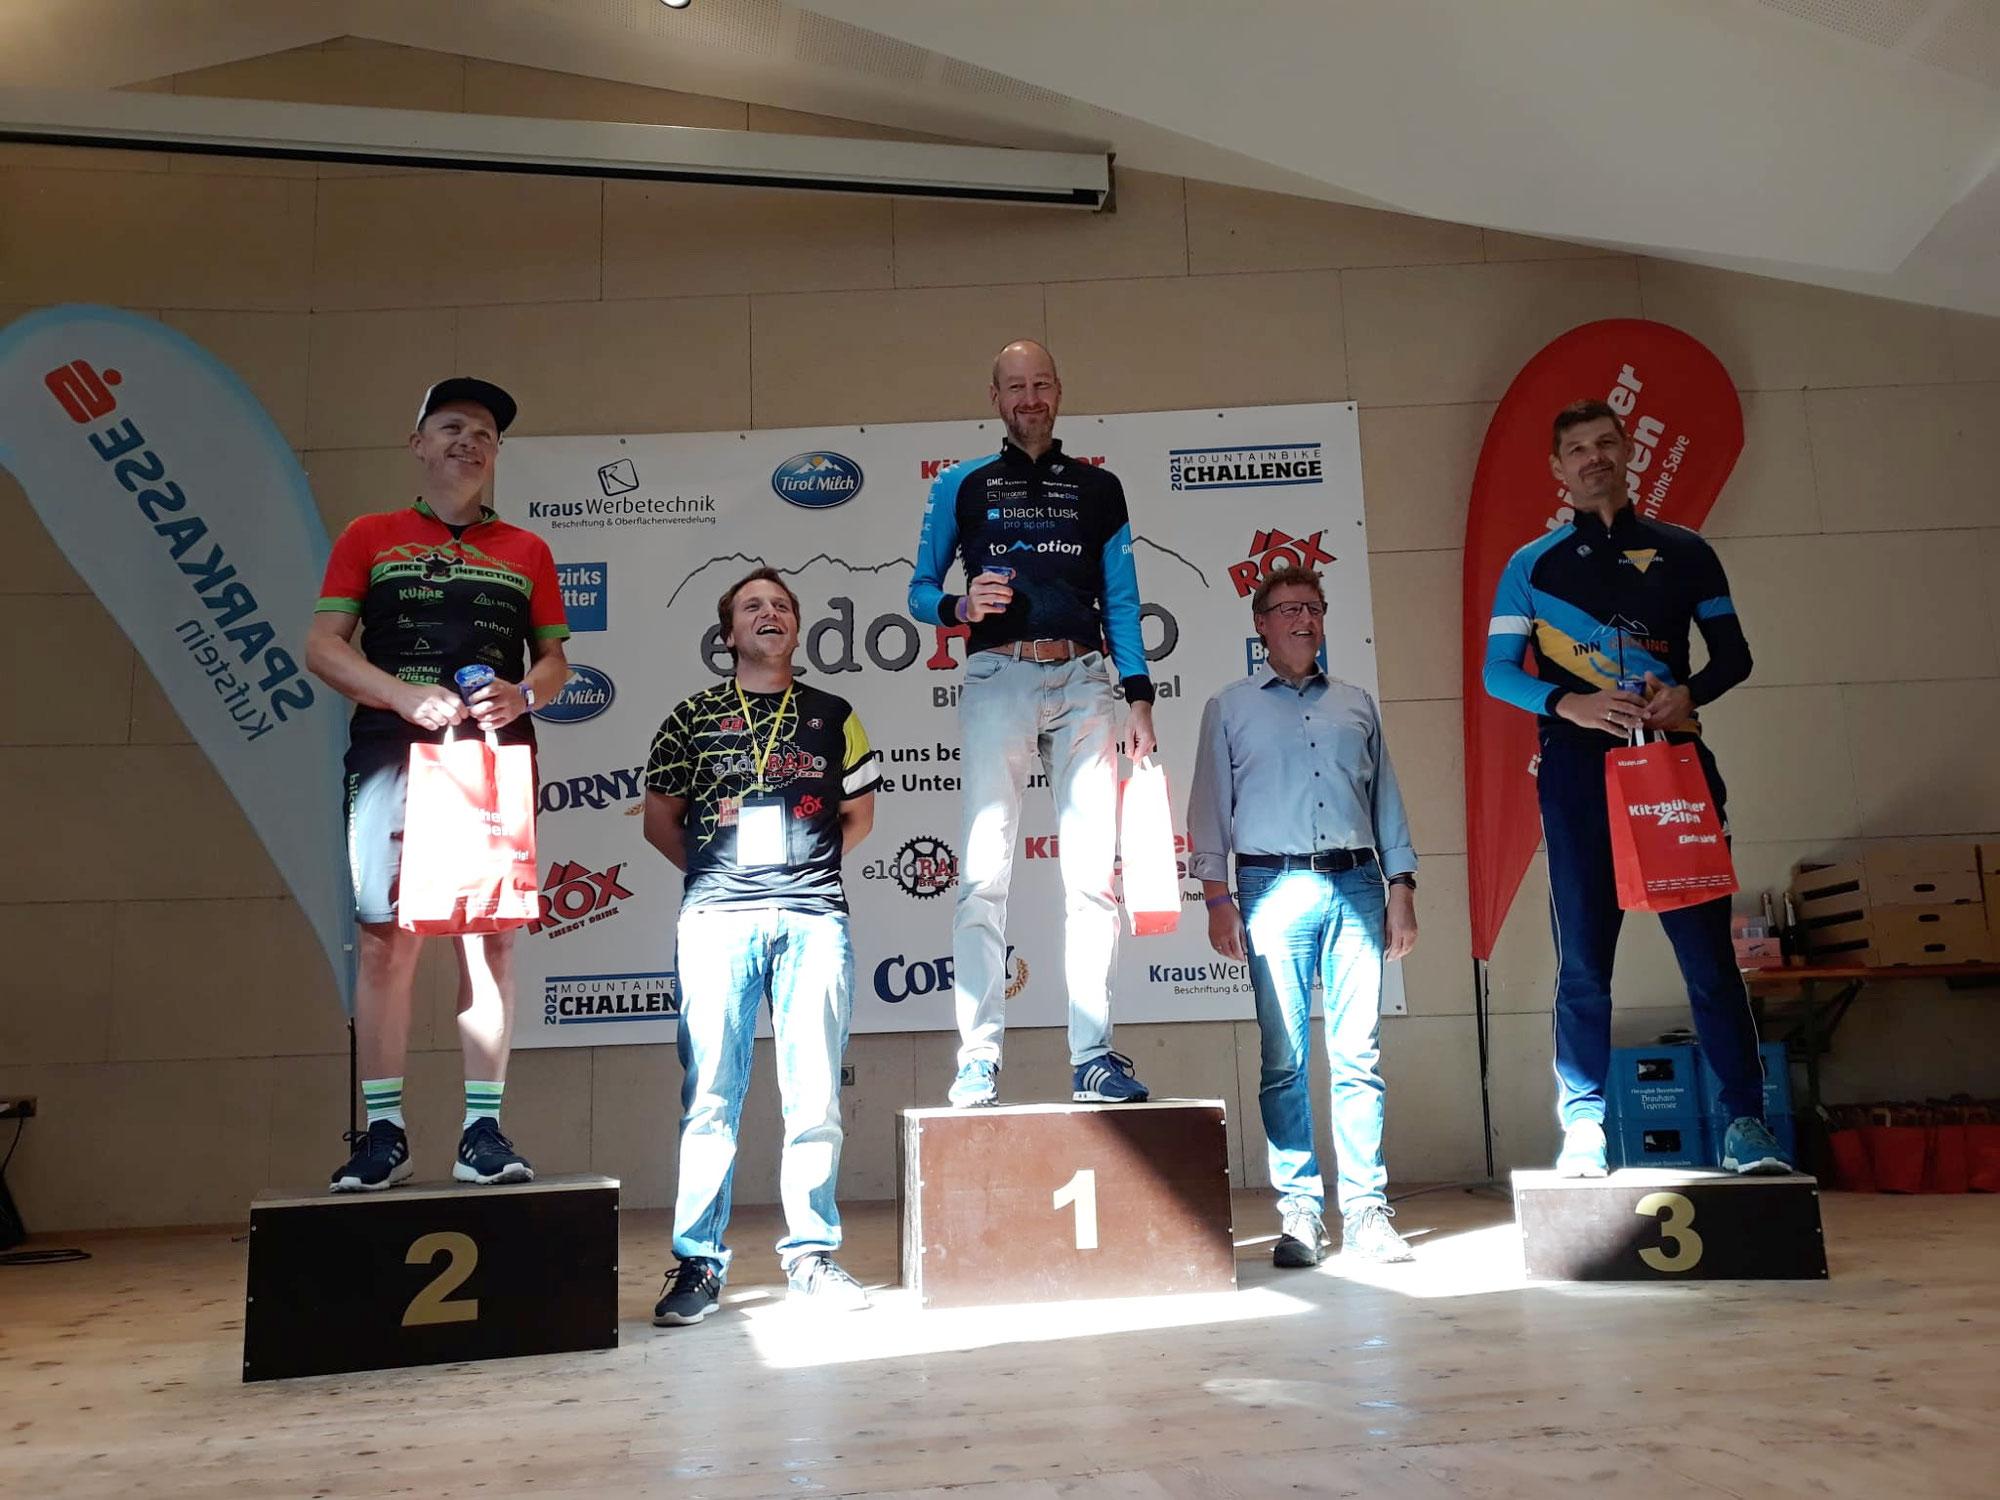 Doppelsieg für toMotion Racing beim eldoRADo Bike & Run Festival